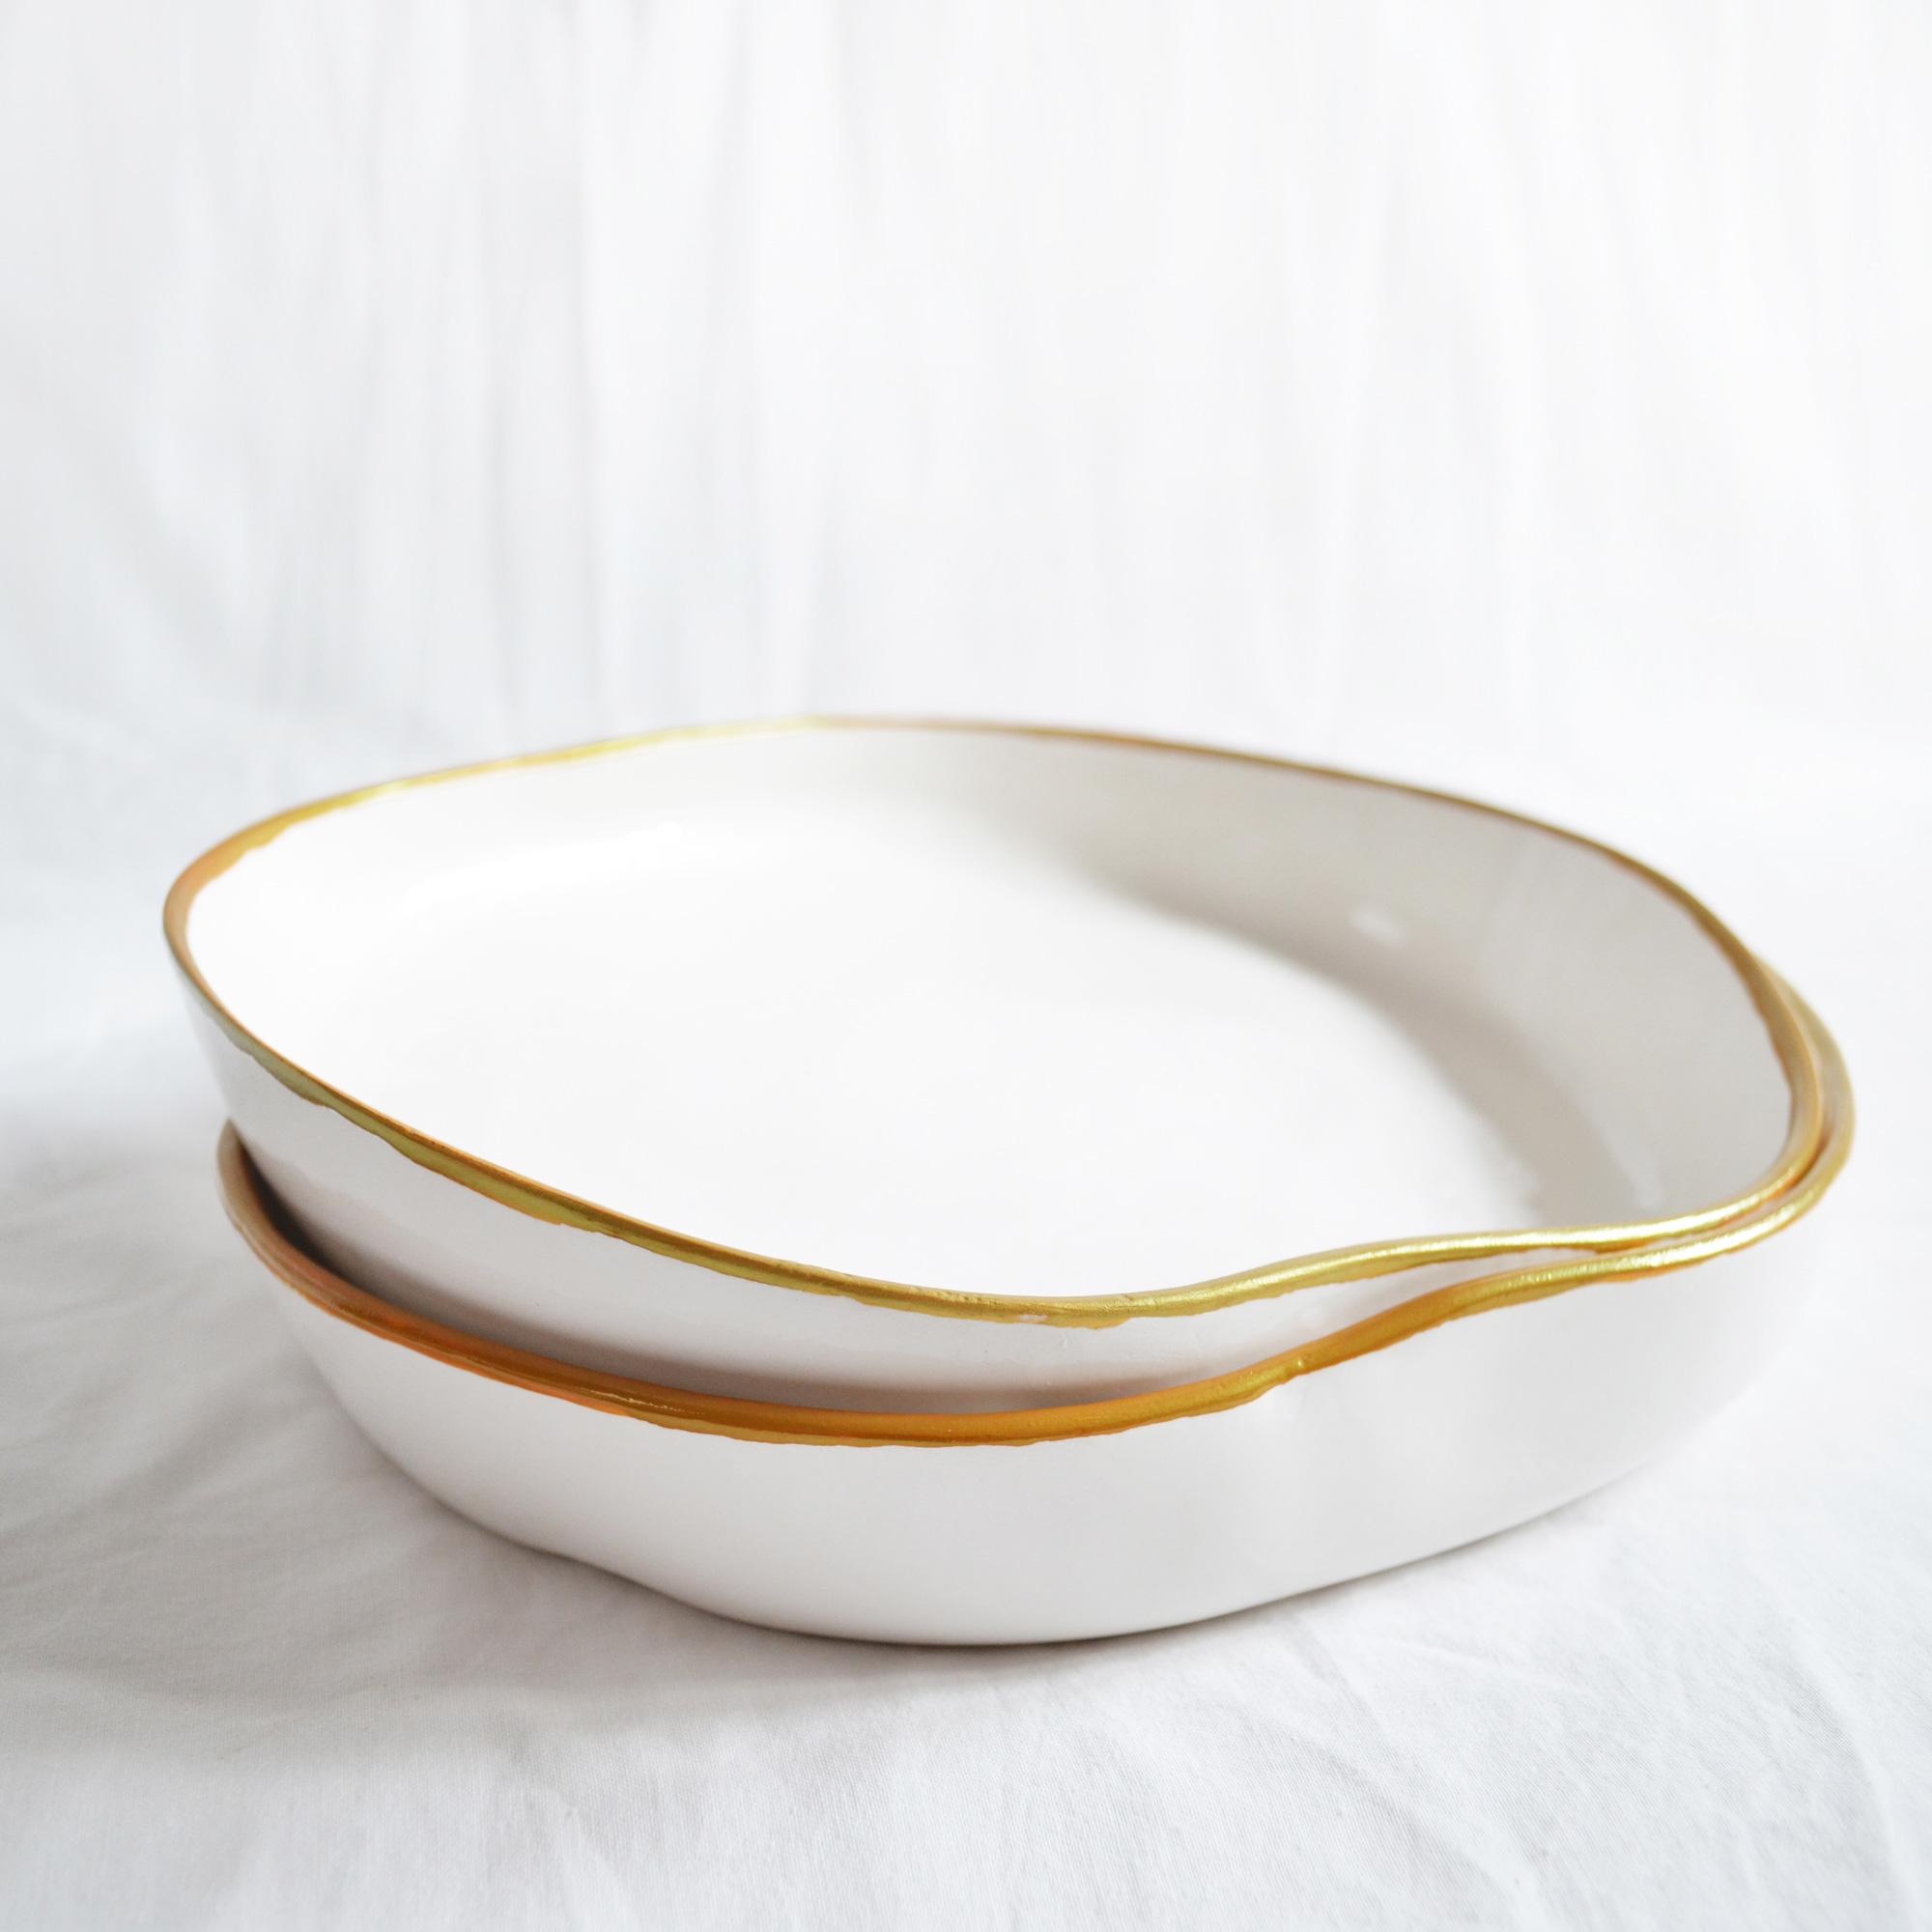 platos irregulares de diseño fabricados a mano de calidad